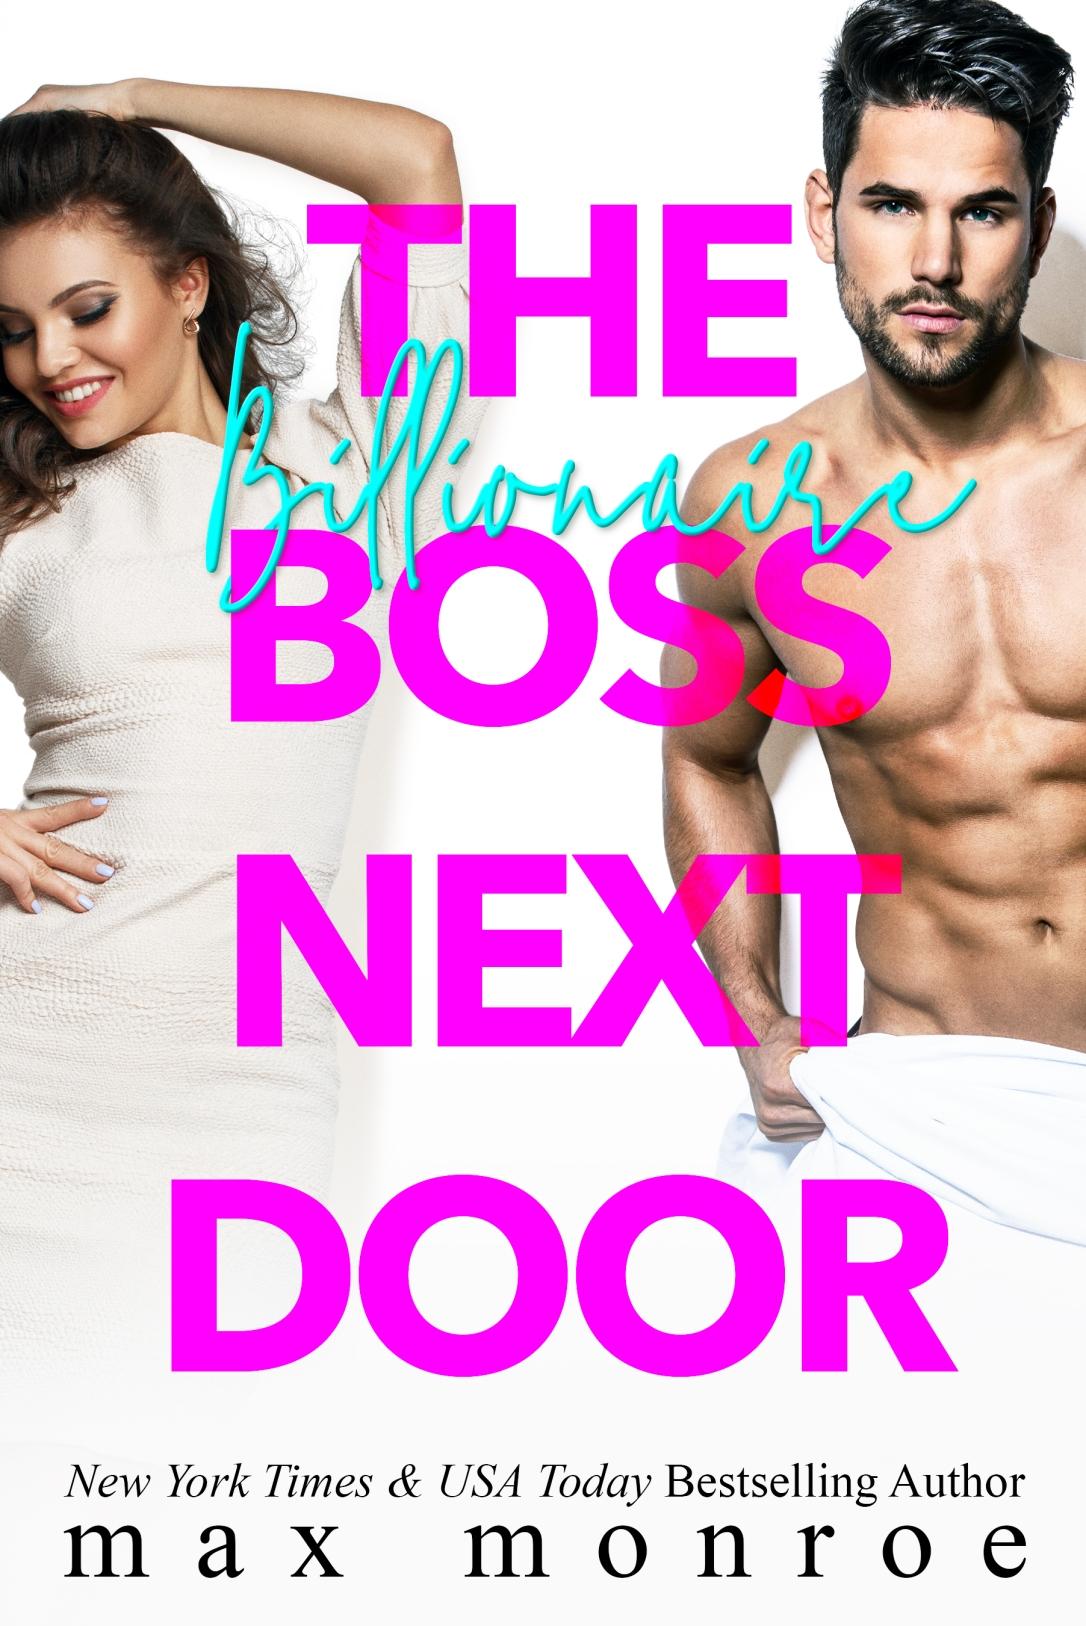 Boss-next-door-(Cover)